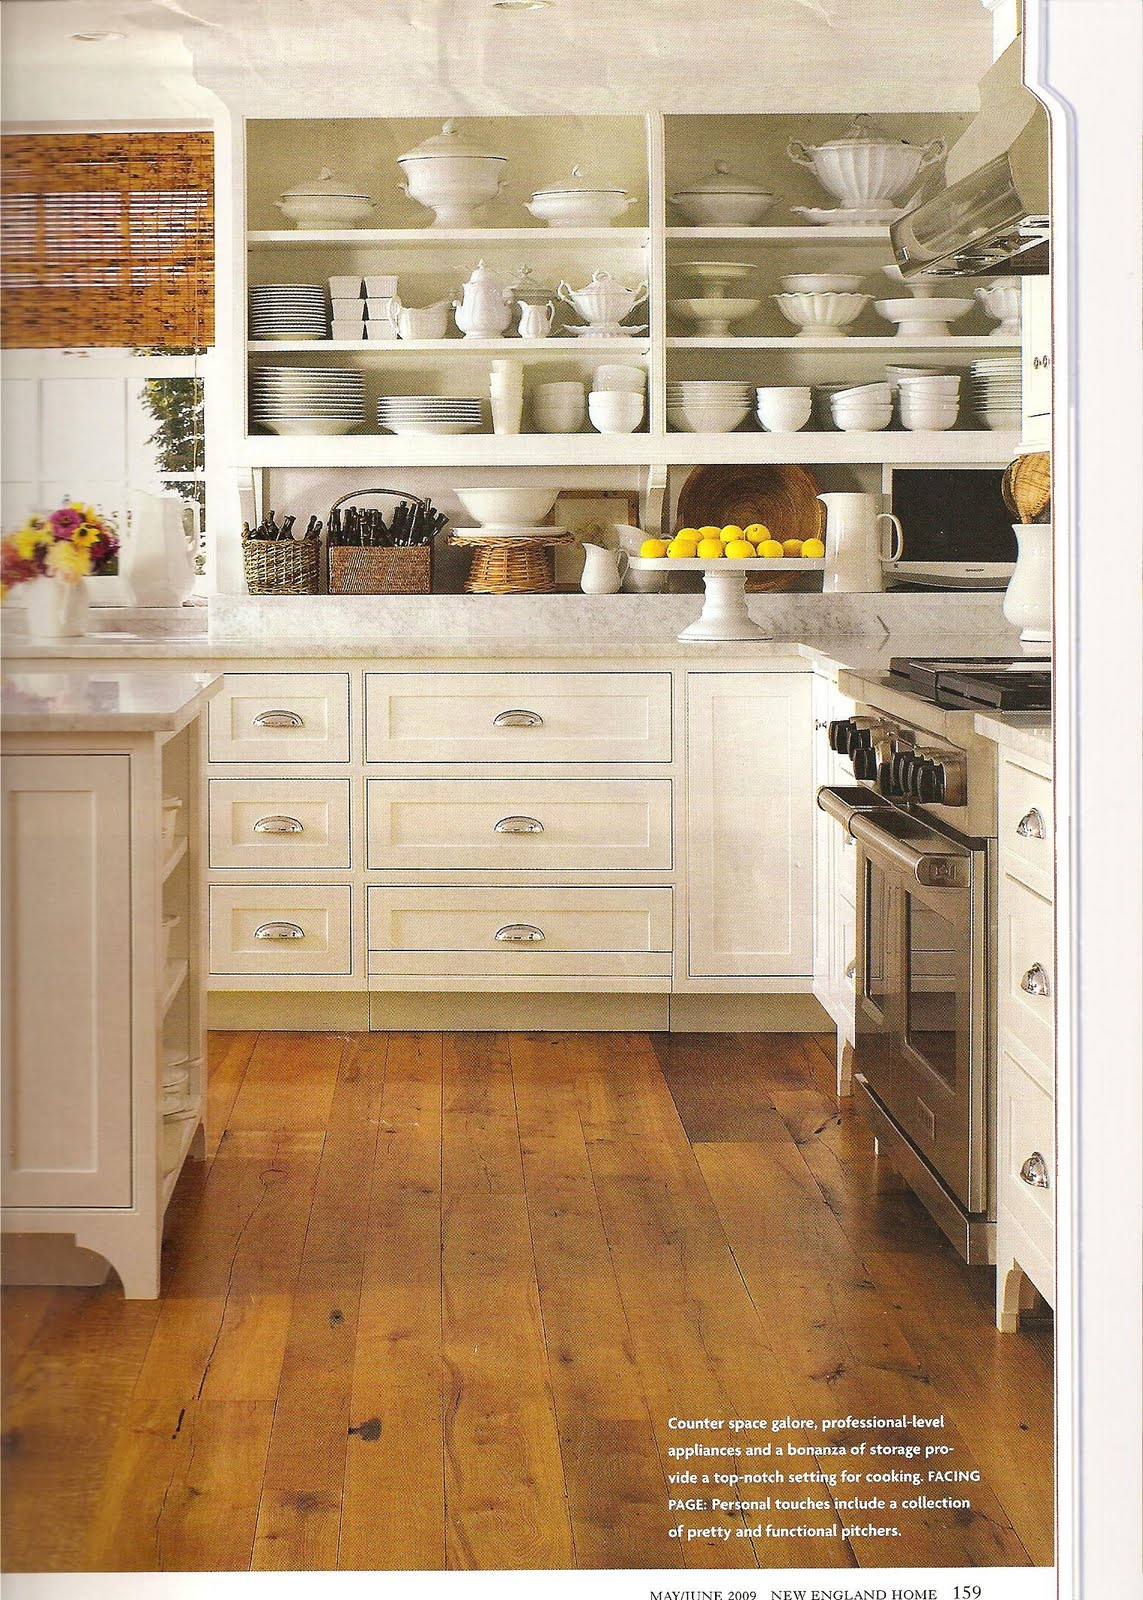 http://1.bp.blogspot.com/_YN5fINhs9-Q/S-Guetlr60I/AAAAAAAAAMs/8XYwYYreGn8/s1600/Kitchen%2Binsp1.jpg